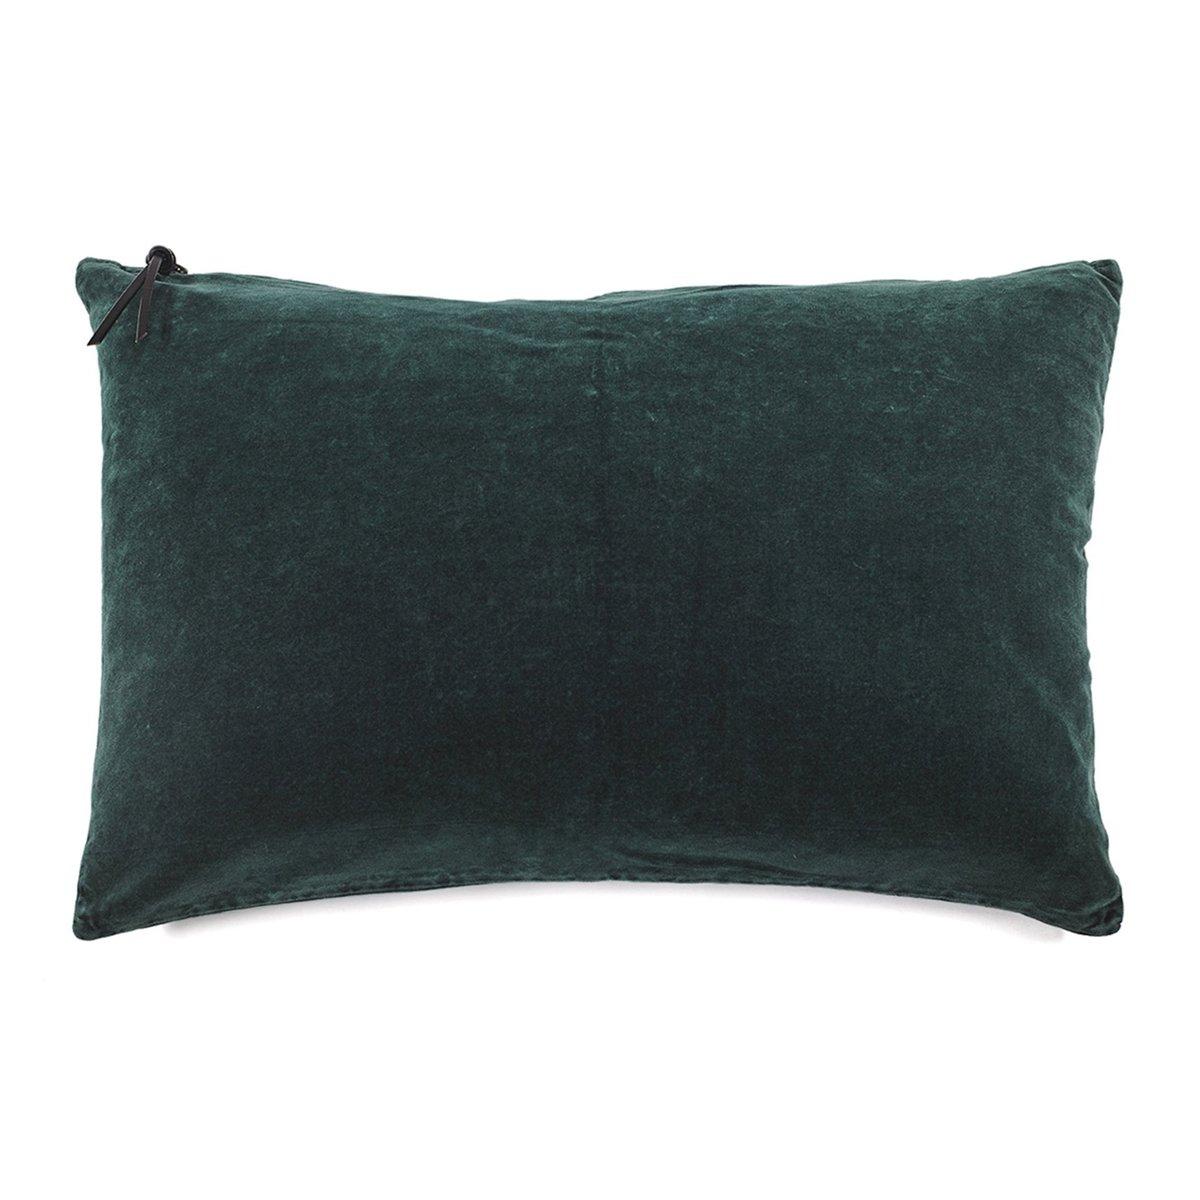 COUSSIN - Lavage de velours Vert Anglais 40x60